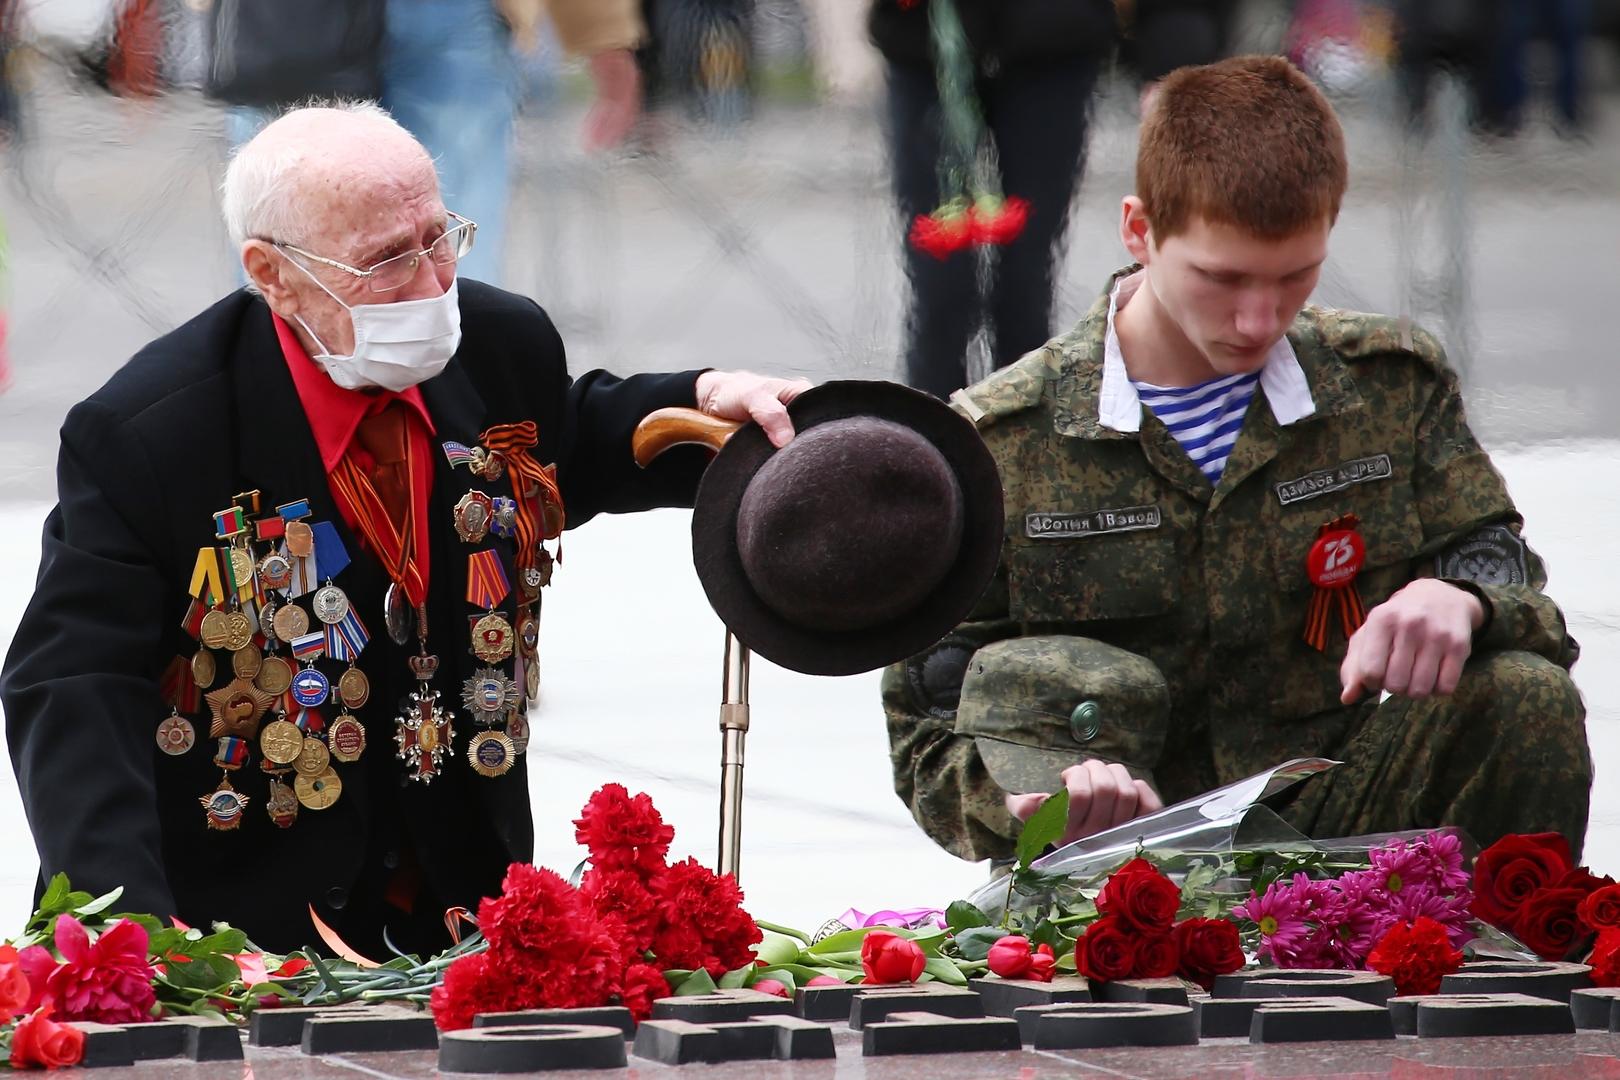 Einwohner von Krasnodar legen Blumen am Ewigen Feuer nieder.